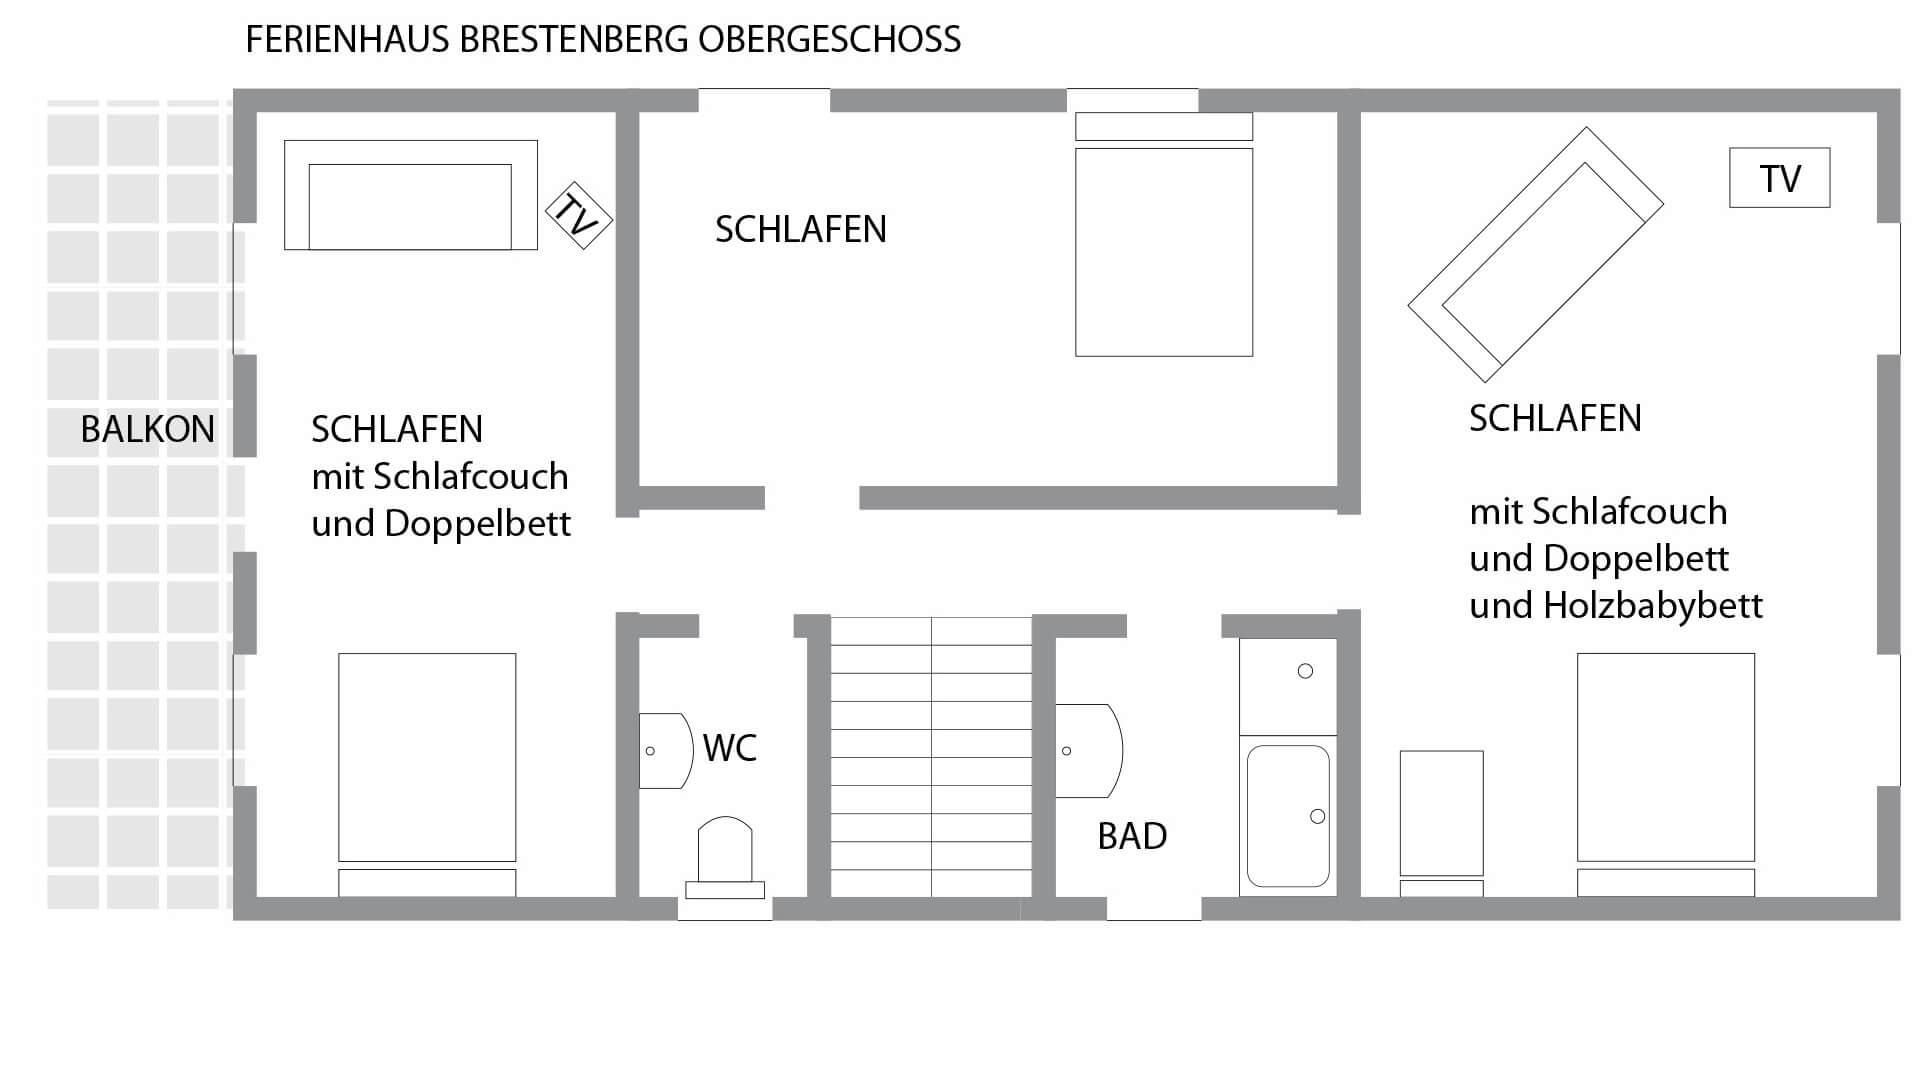 Grundriss des ersten Obergeschosses im Schwarzwald-Ferienhaus Brestenberg mit drei Schlafzimmern, einem Bad und einem separaten WC